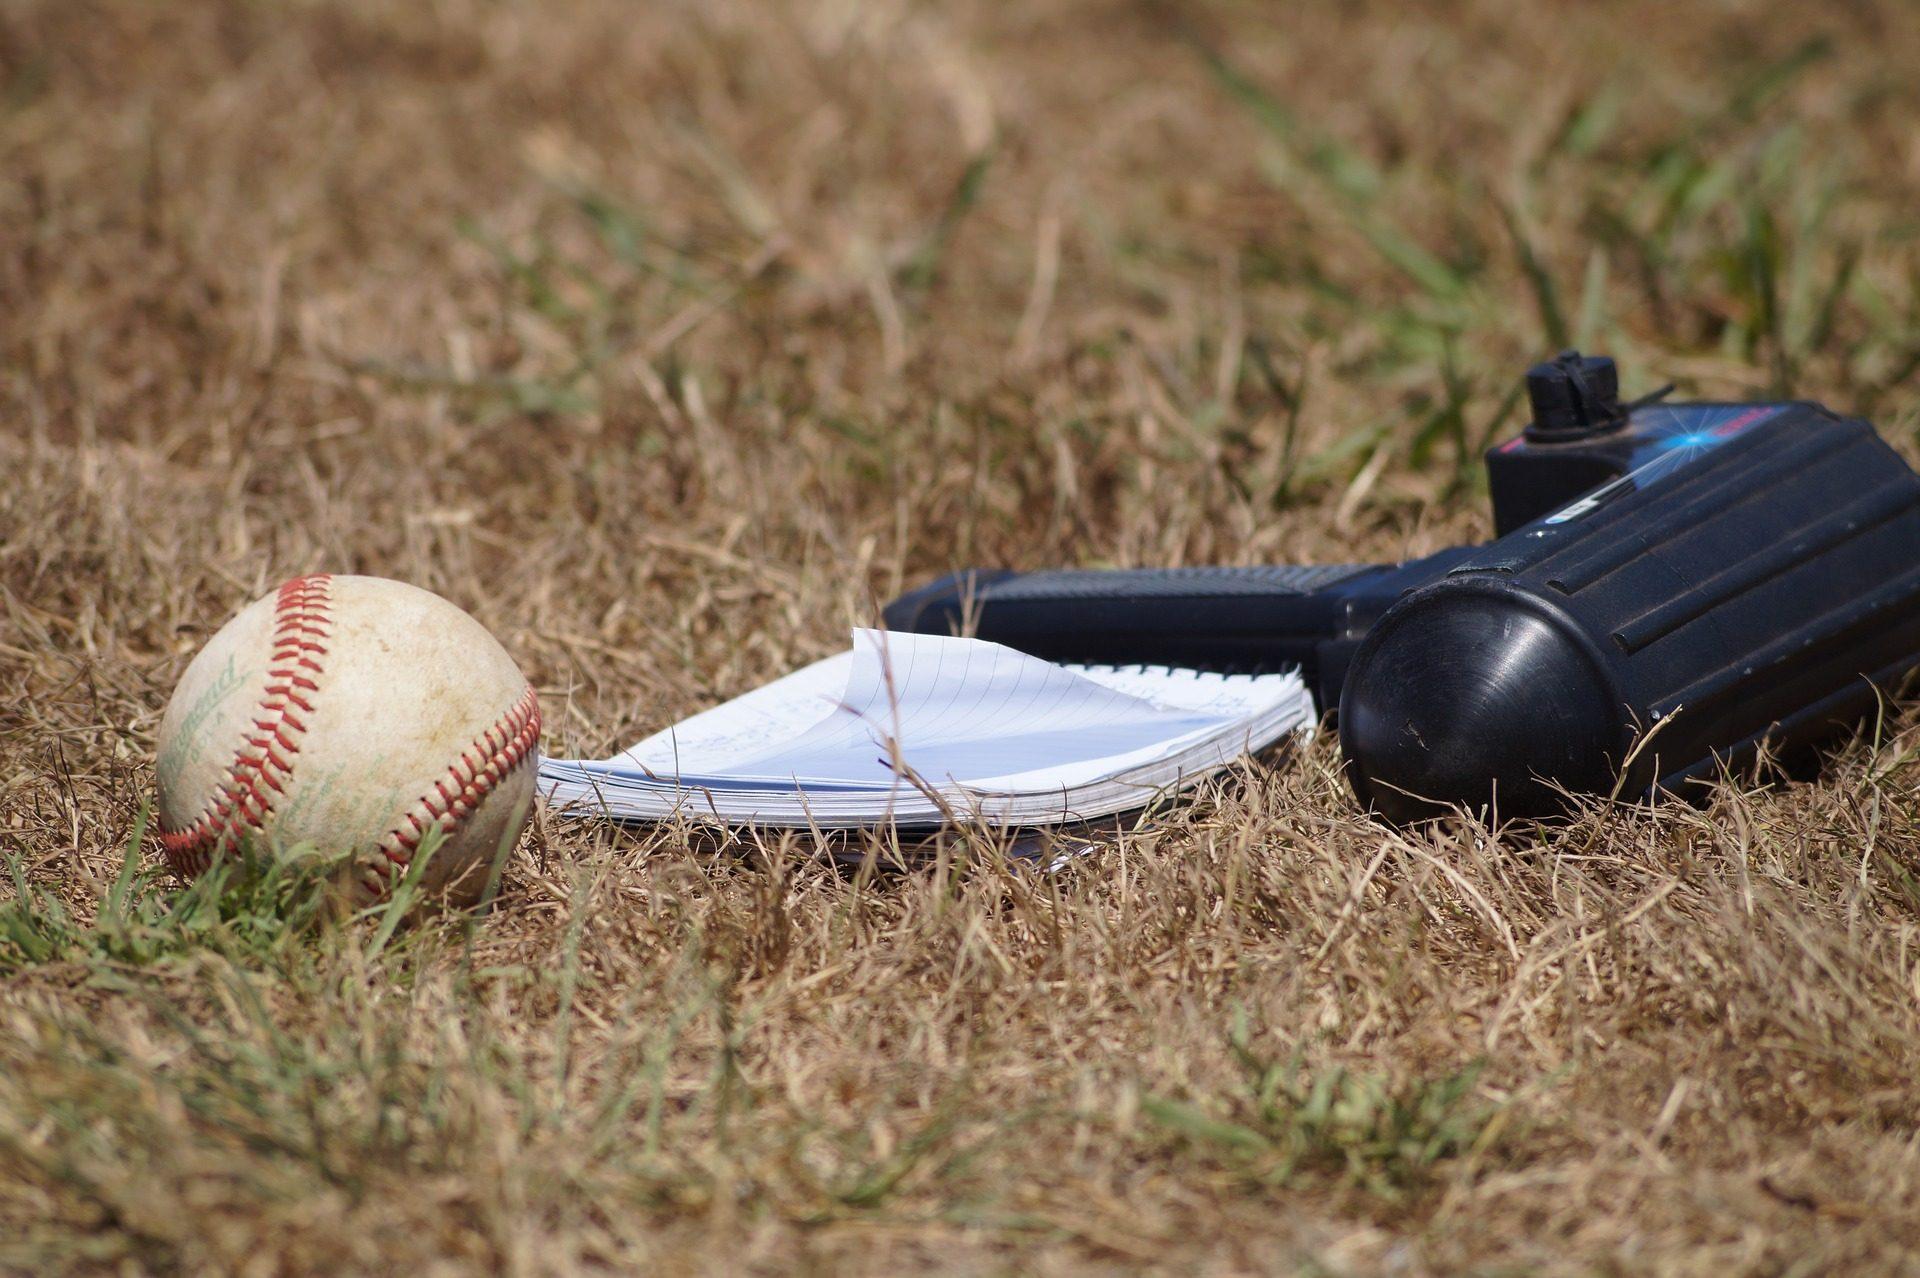 bola, béisbol, detector de, livro de endereços, notas, grama, seca - Papéis de parede HD - Professor-falken.com